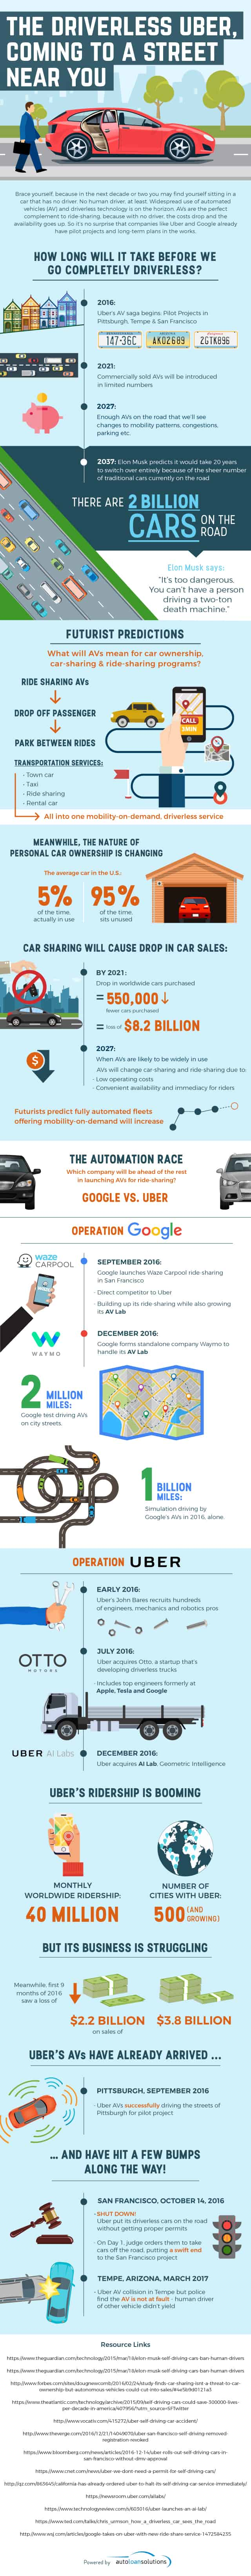 plans for driverless uber